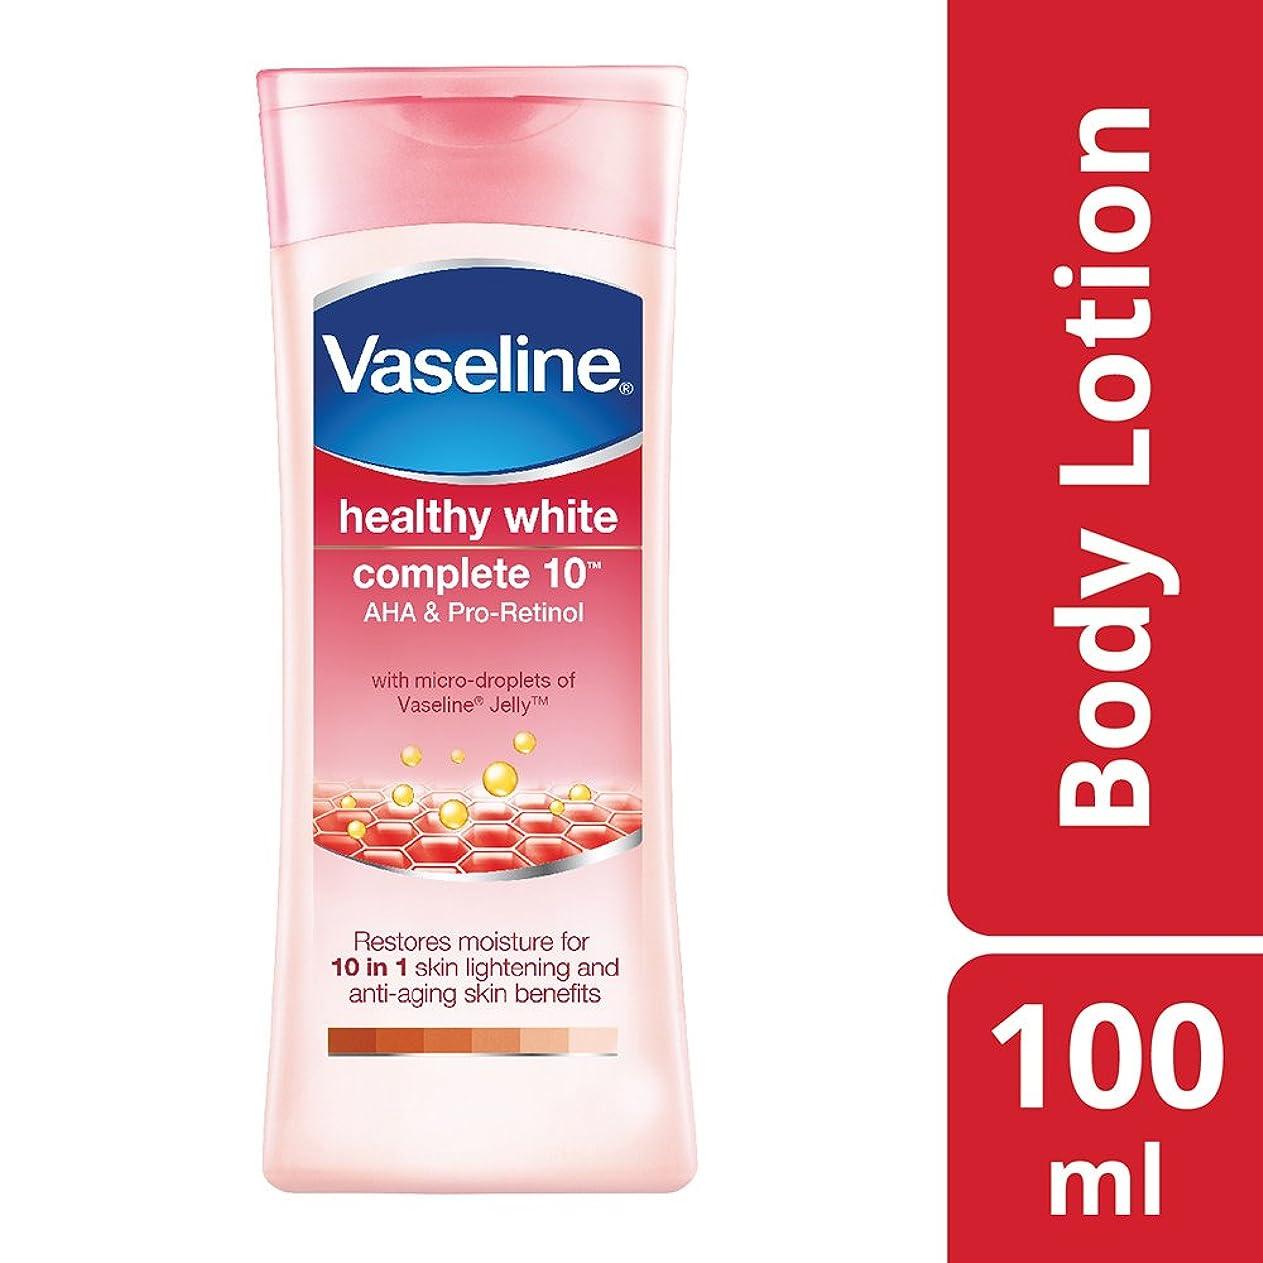 散逸収縮ストローVaseline Healthy White Complete 10 Body Lotion, 100 ml